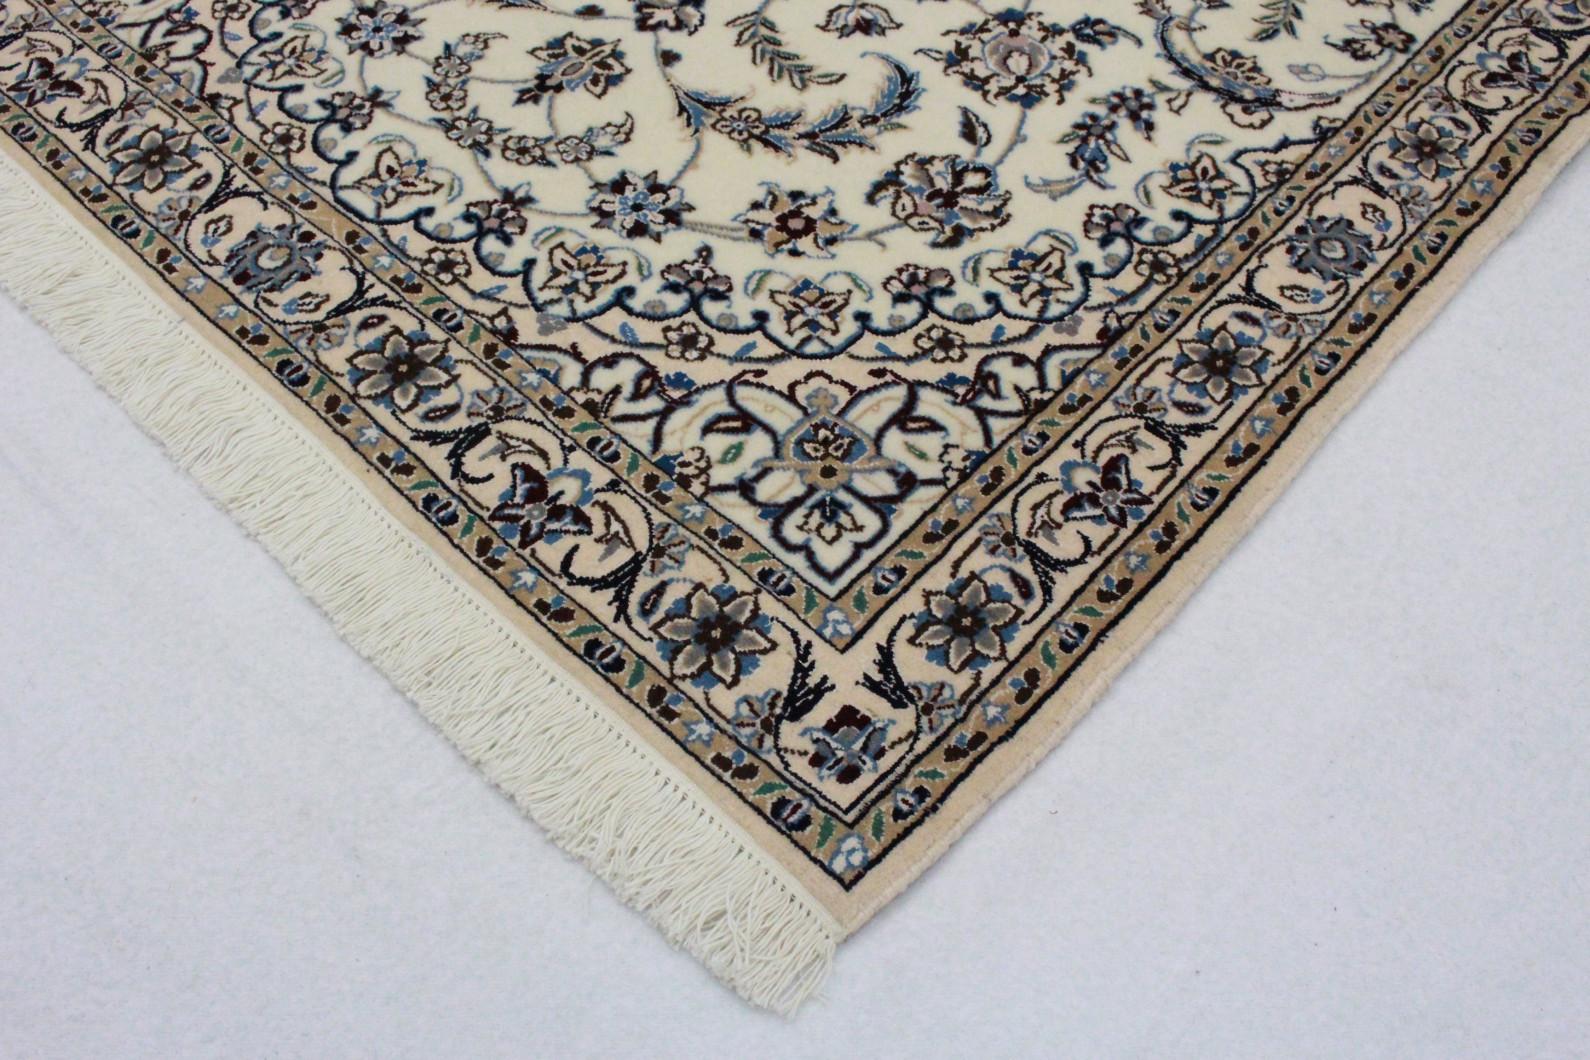 nain teppich beige blau in 150x100 5120 23445 bei kaufen. Black Bedroom Furniture Sets. Home Design Ideas